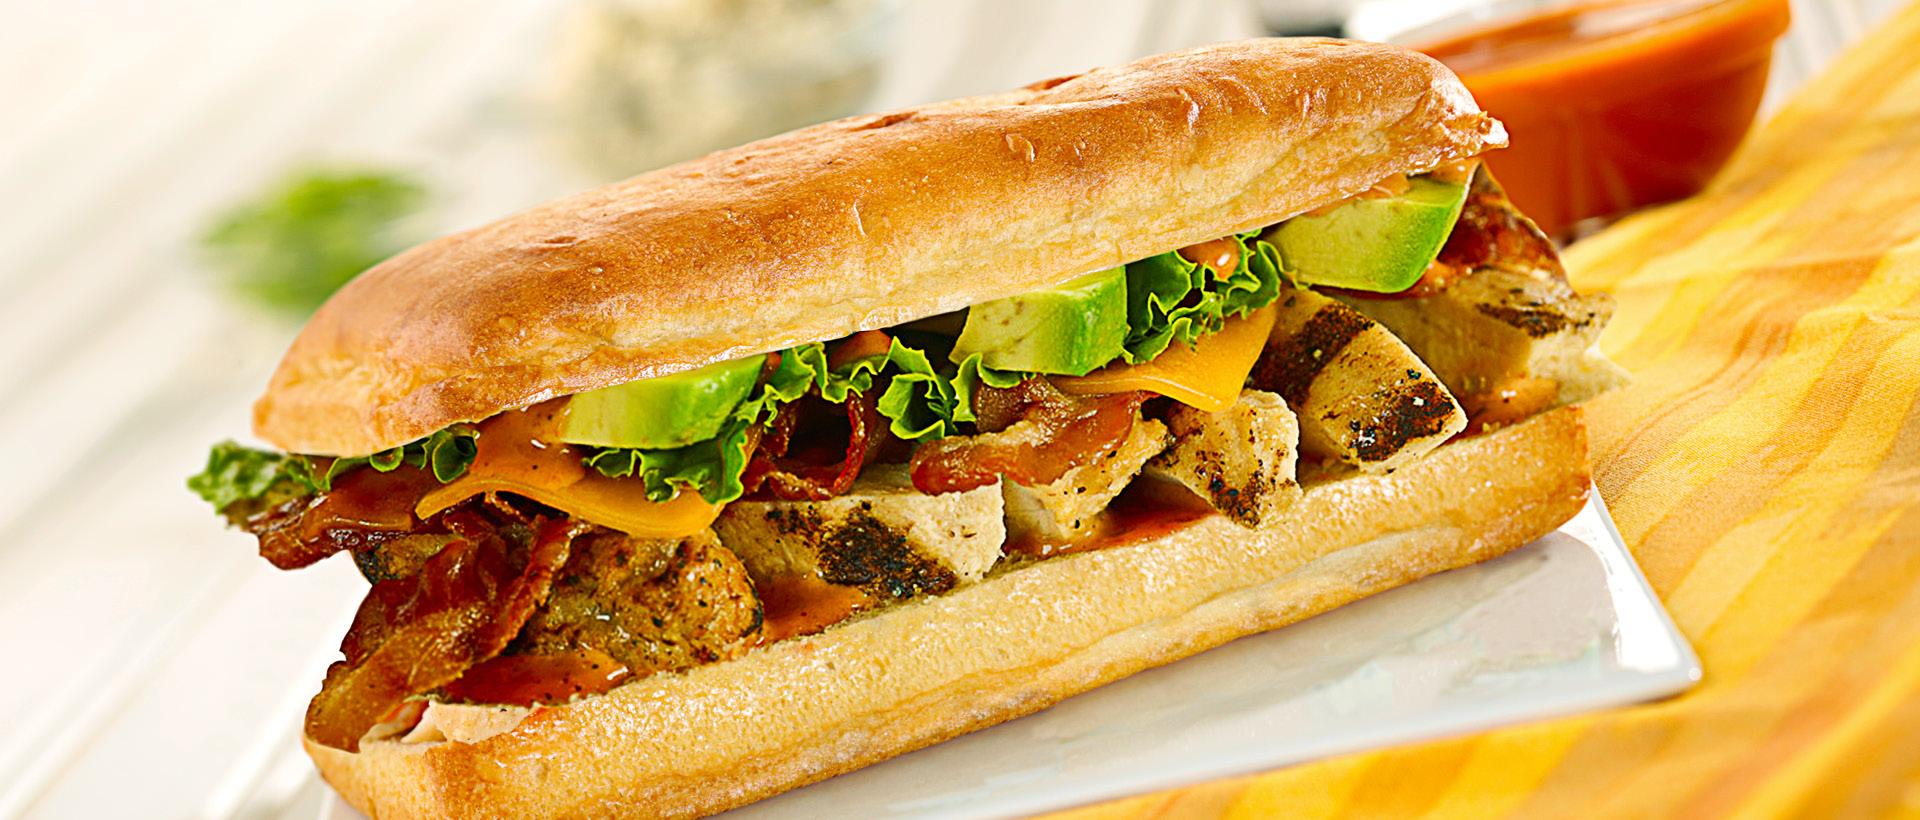 Sandwich Backgrounds, Compatible - PC, Mobile, Gadgets| 1920x820 px